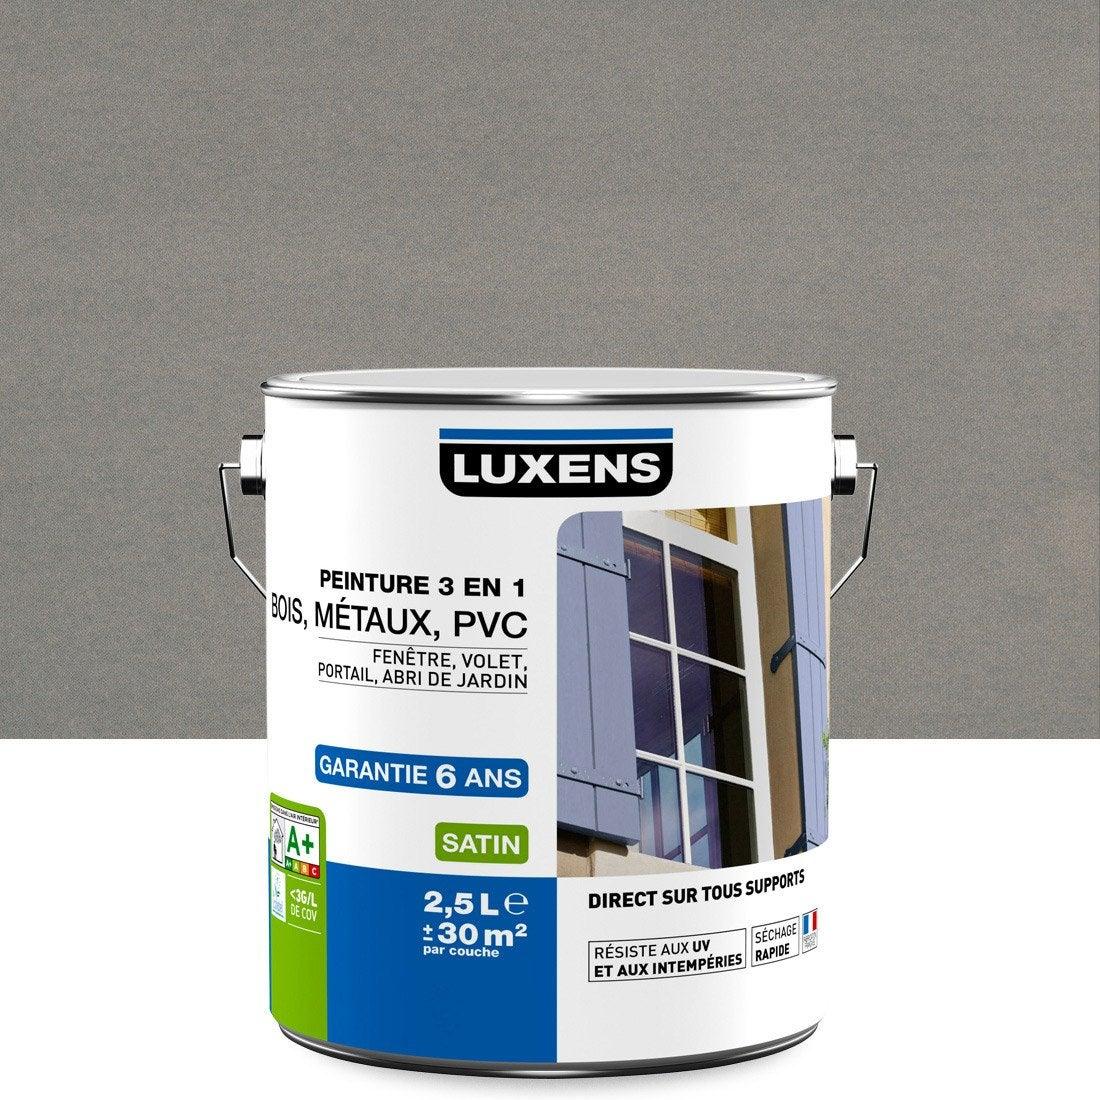 Peinture multimateriaux exterieur 3en1 luxens satin gris zingue n 3 2 - Crepi exterieur leroy merlin ...